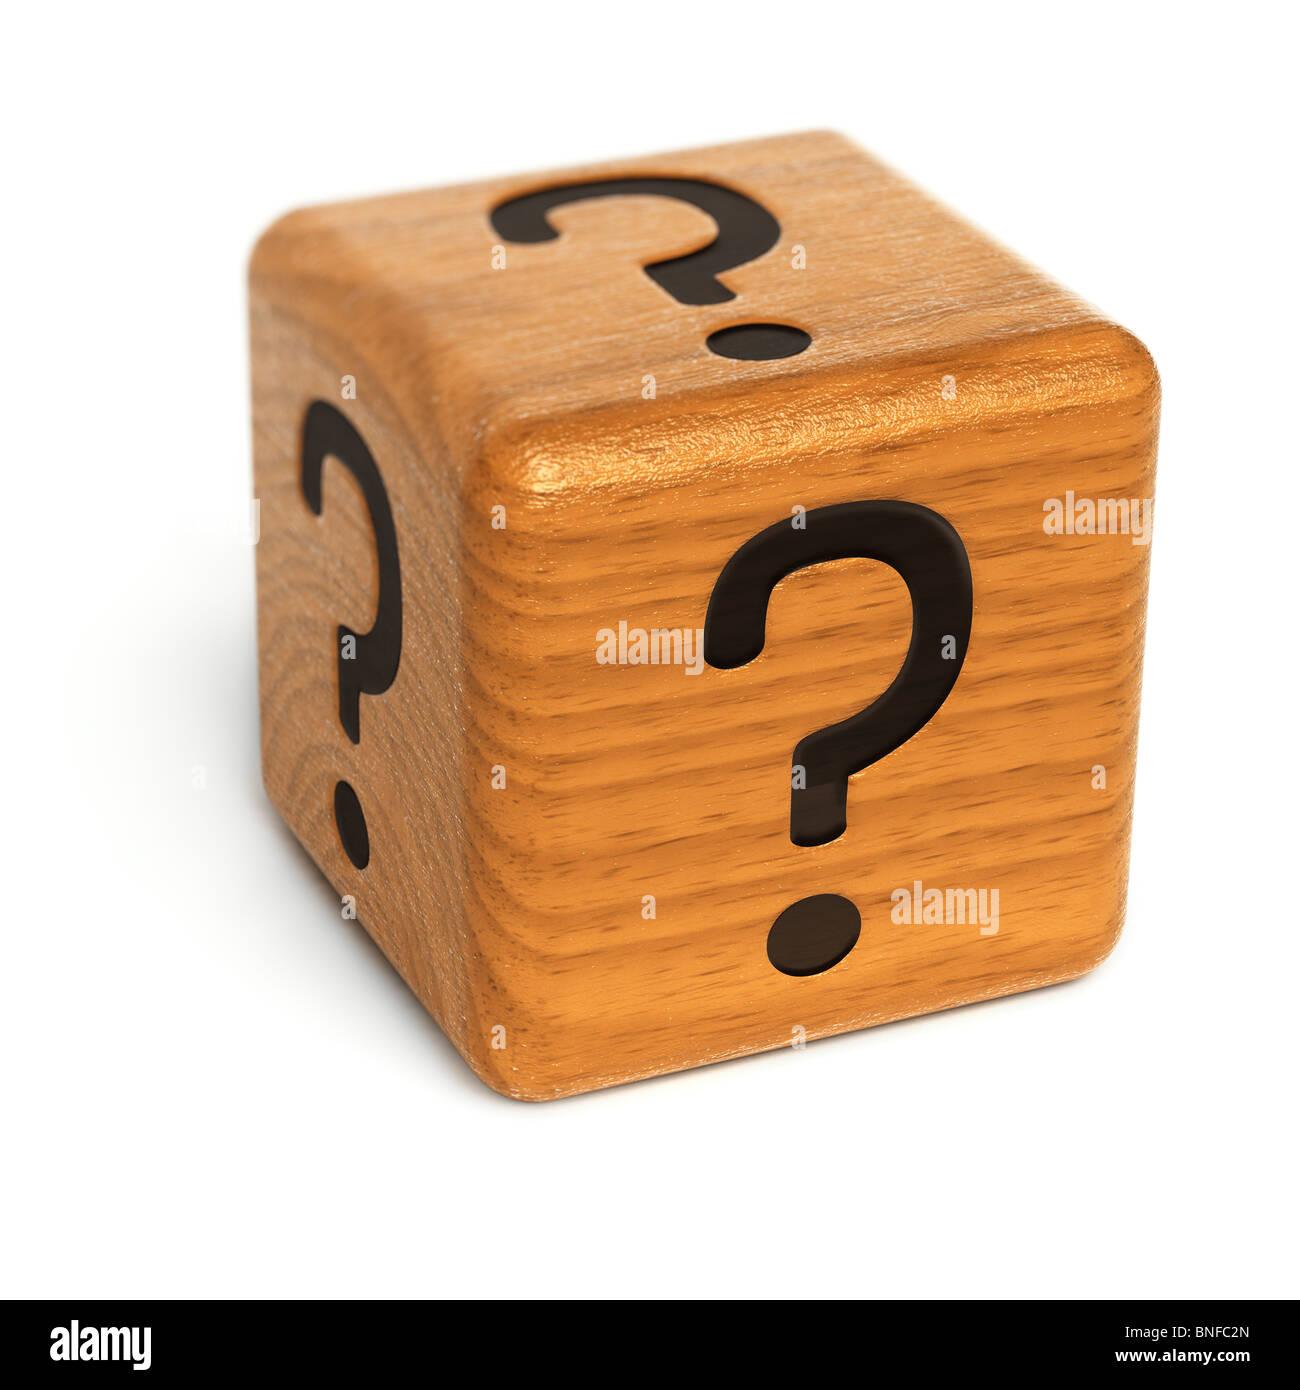 Los dados de madera con signos de interrogación Imagen De Stock